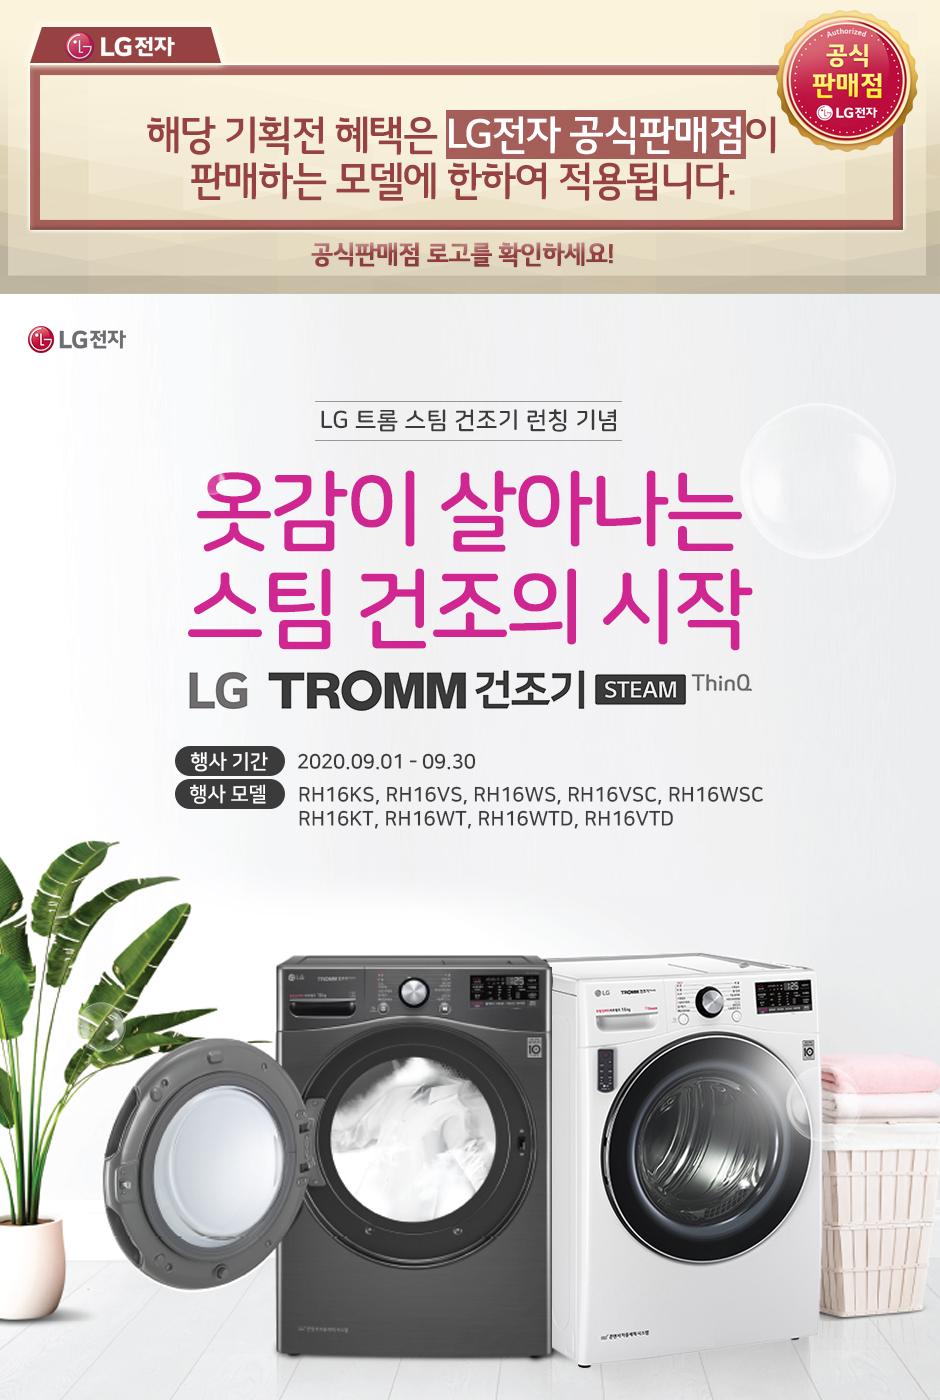 [LG전자] 세균걱정 없이 건강하게! 기다릴 필요 없이 빠르게! 유지비 걱정 없이 알뜰하게! LG TROMM 건조기